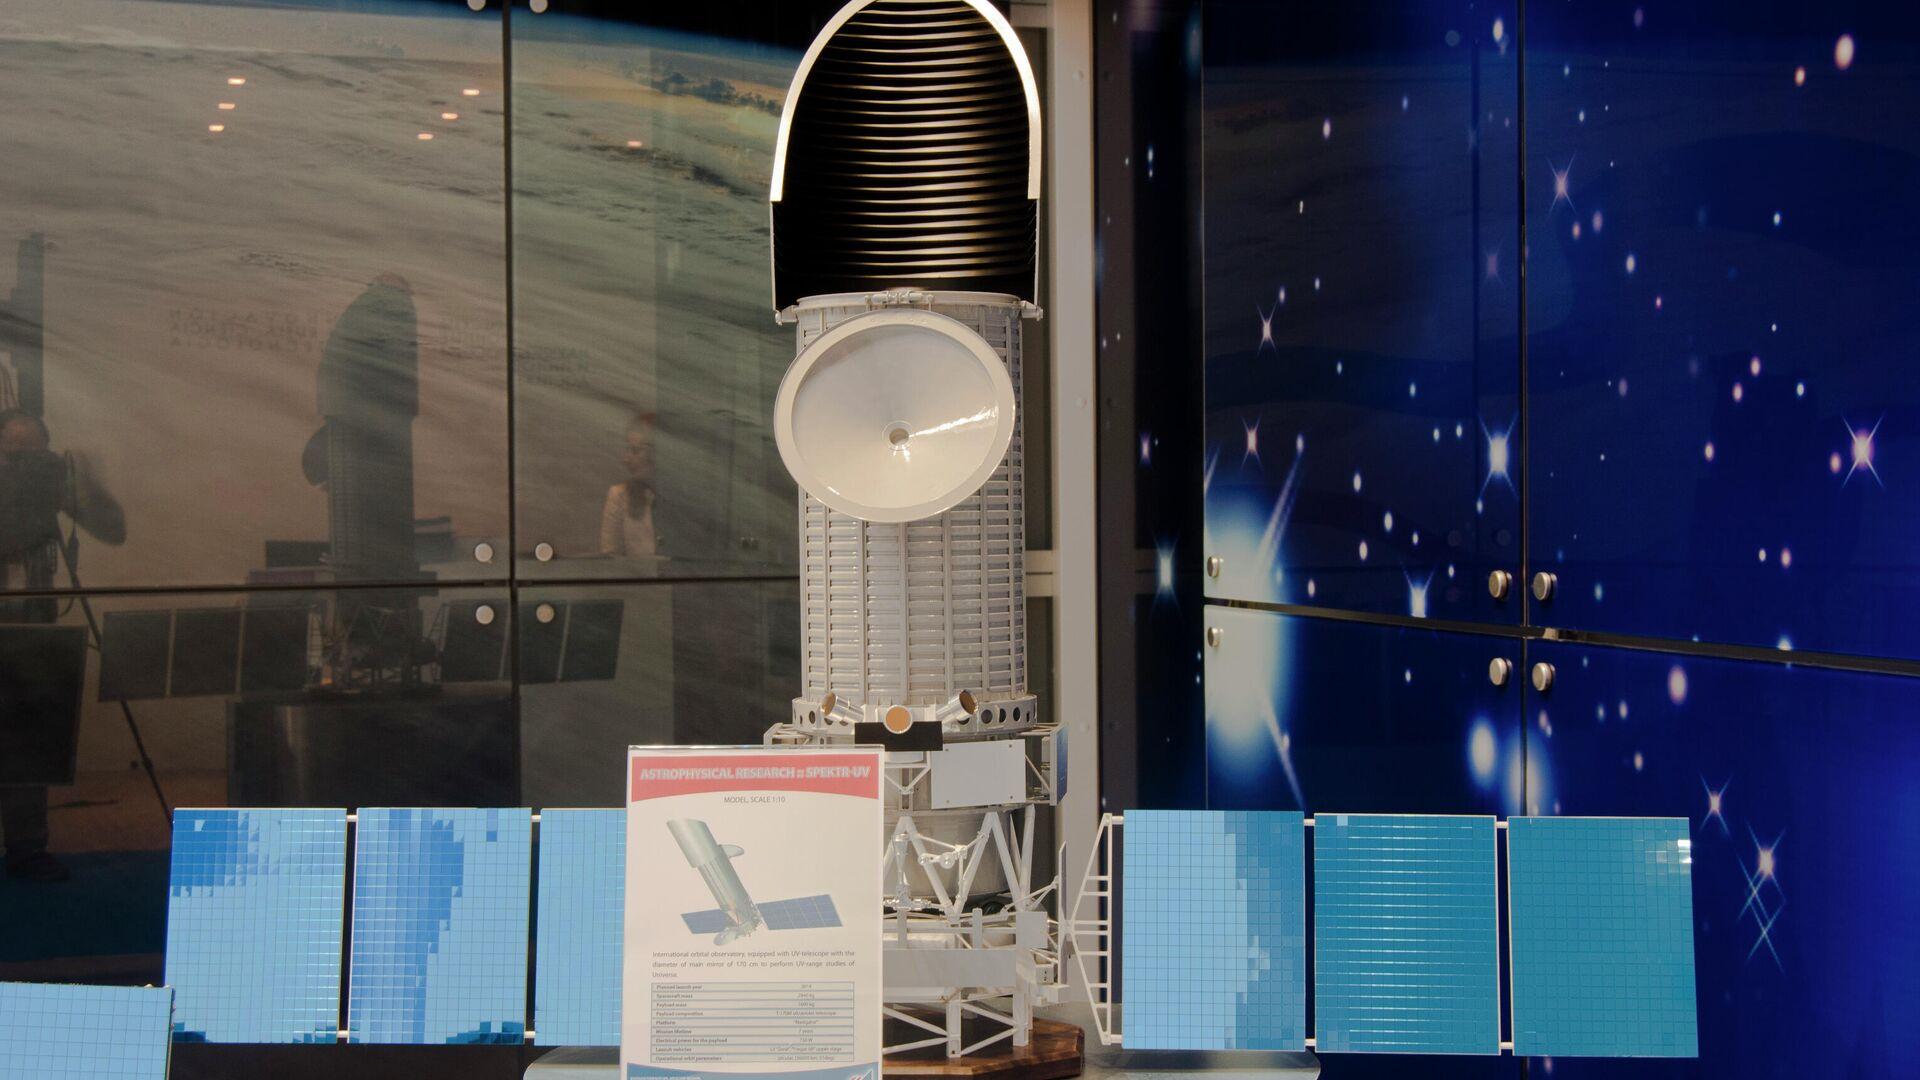 Modelo del telescopio espacial Spektr-UF, conocido también como World Space Observatory (WSO-UV) - Sputnik Mundo, 1920, 13.09.2021